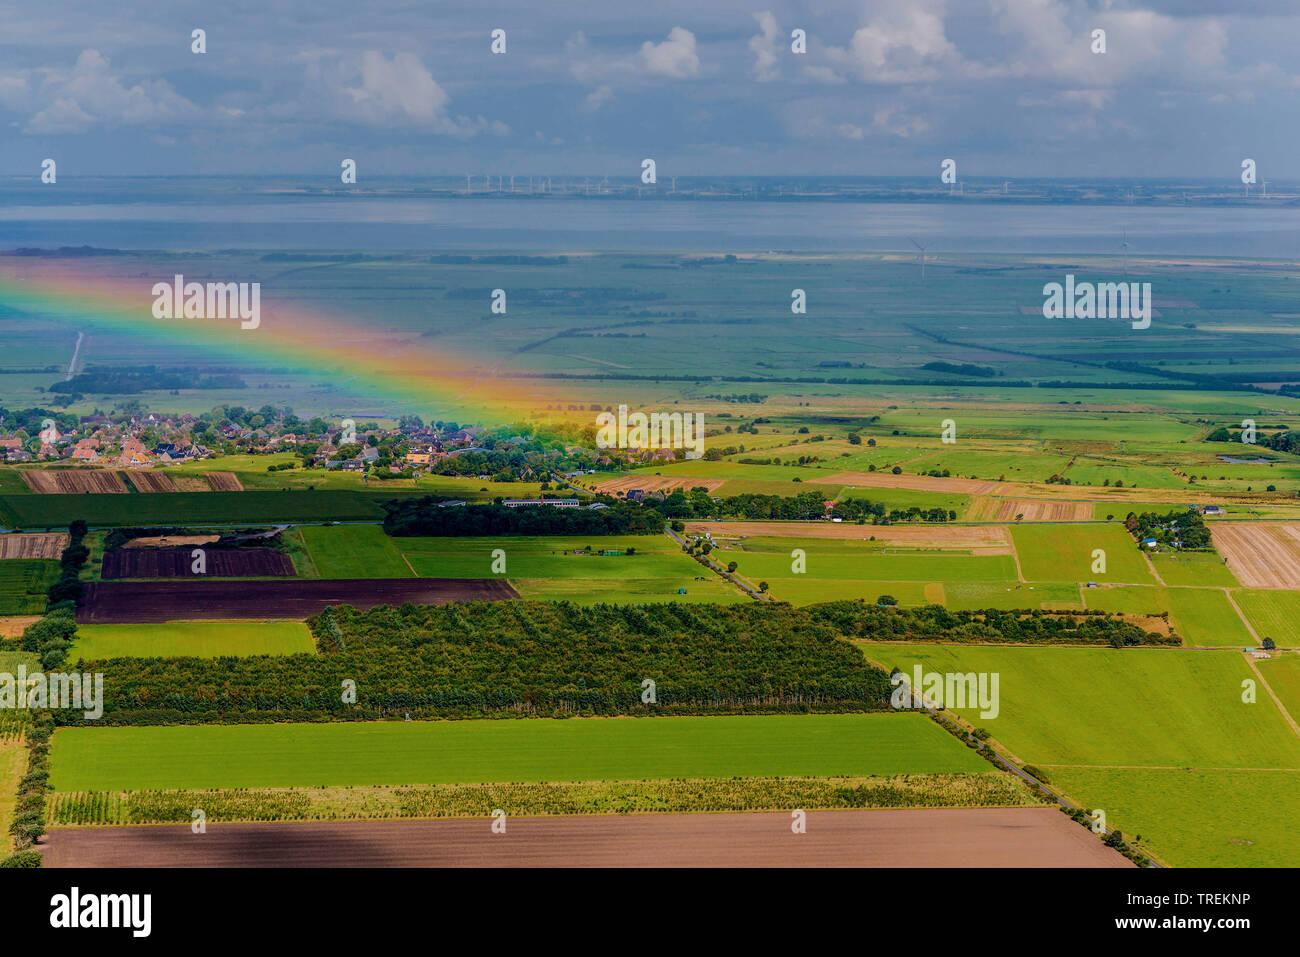 Regenbogen an der Nordseekueste in Nordfriesland, Luftbild, Deutschland, Schleswig-Holstein, Nordfriesland   rainbow over North Frisian, aerial pictur - Stock Image